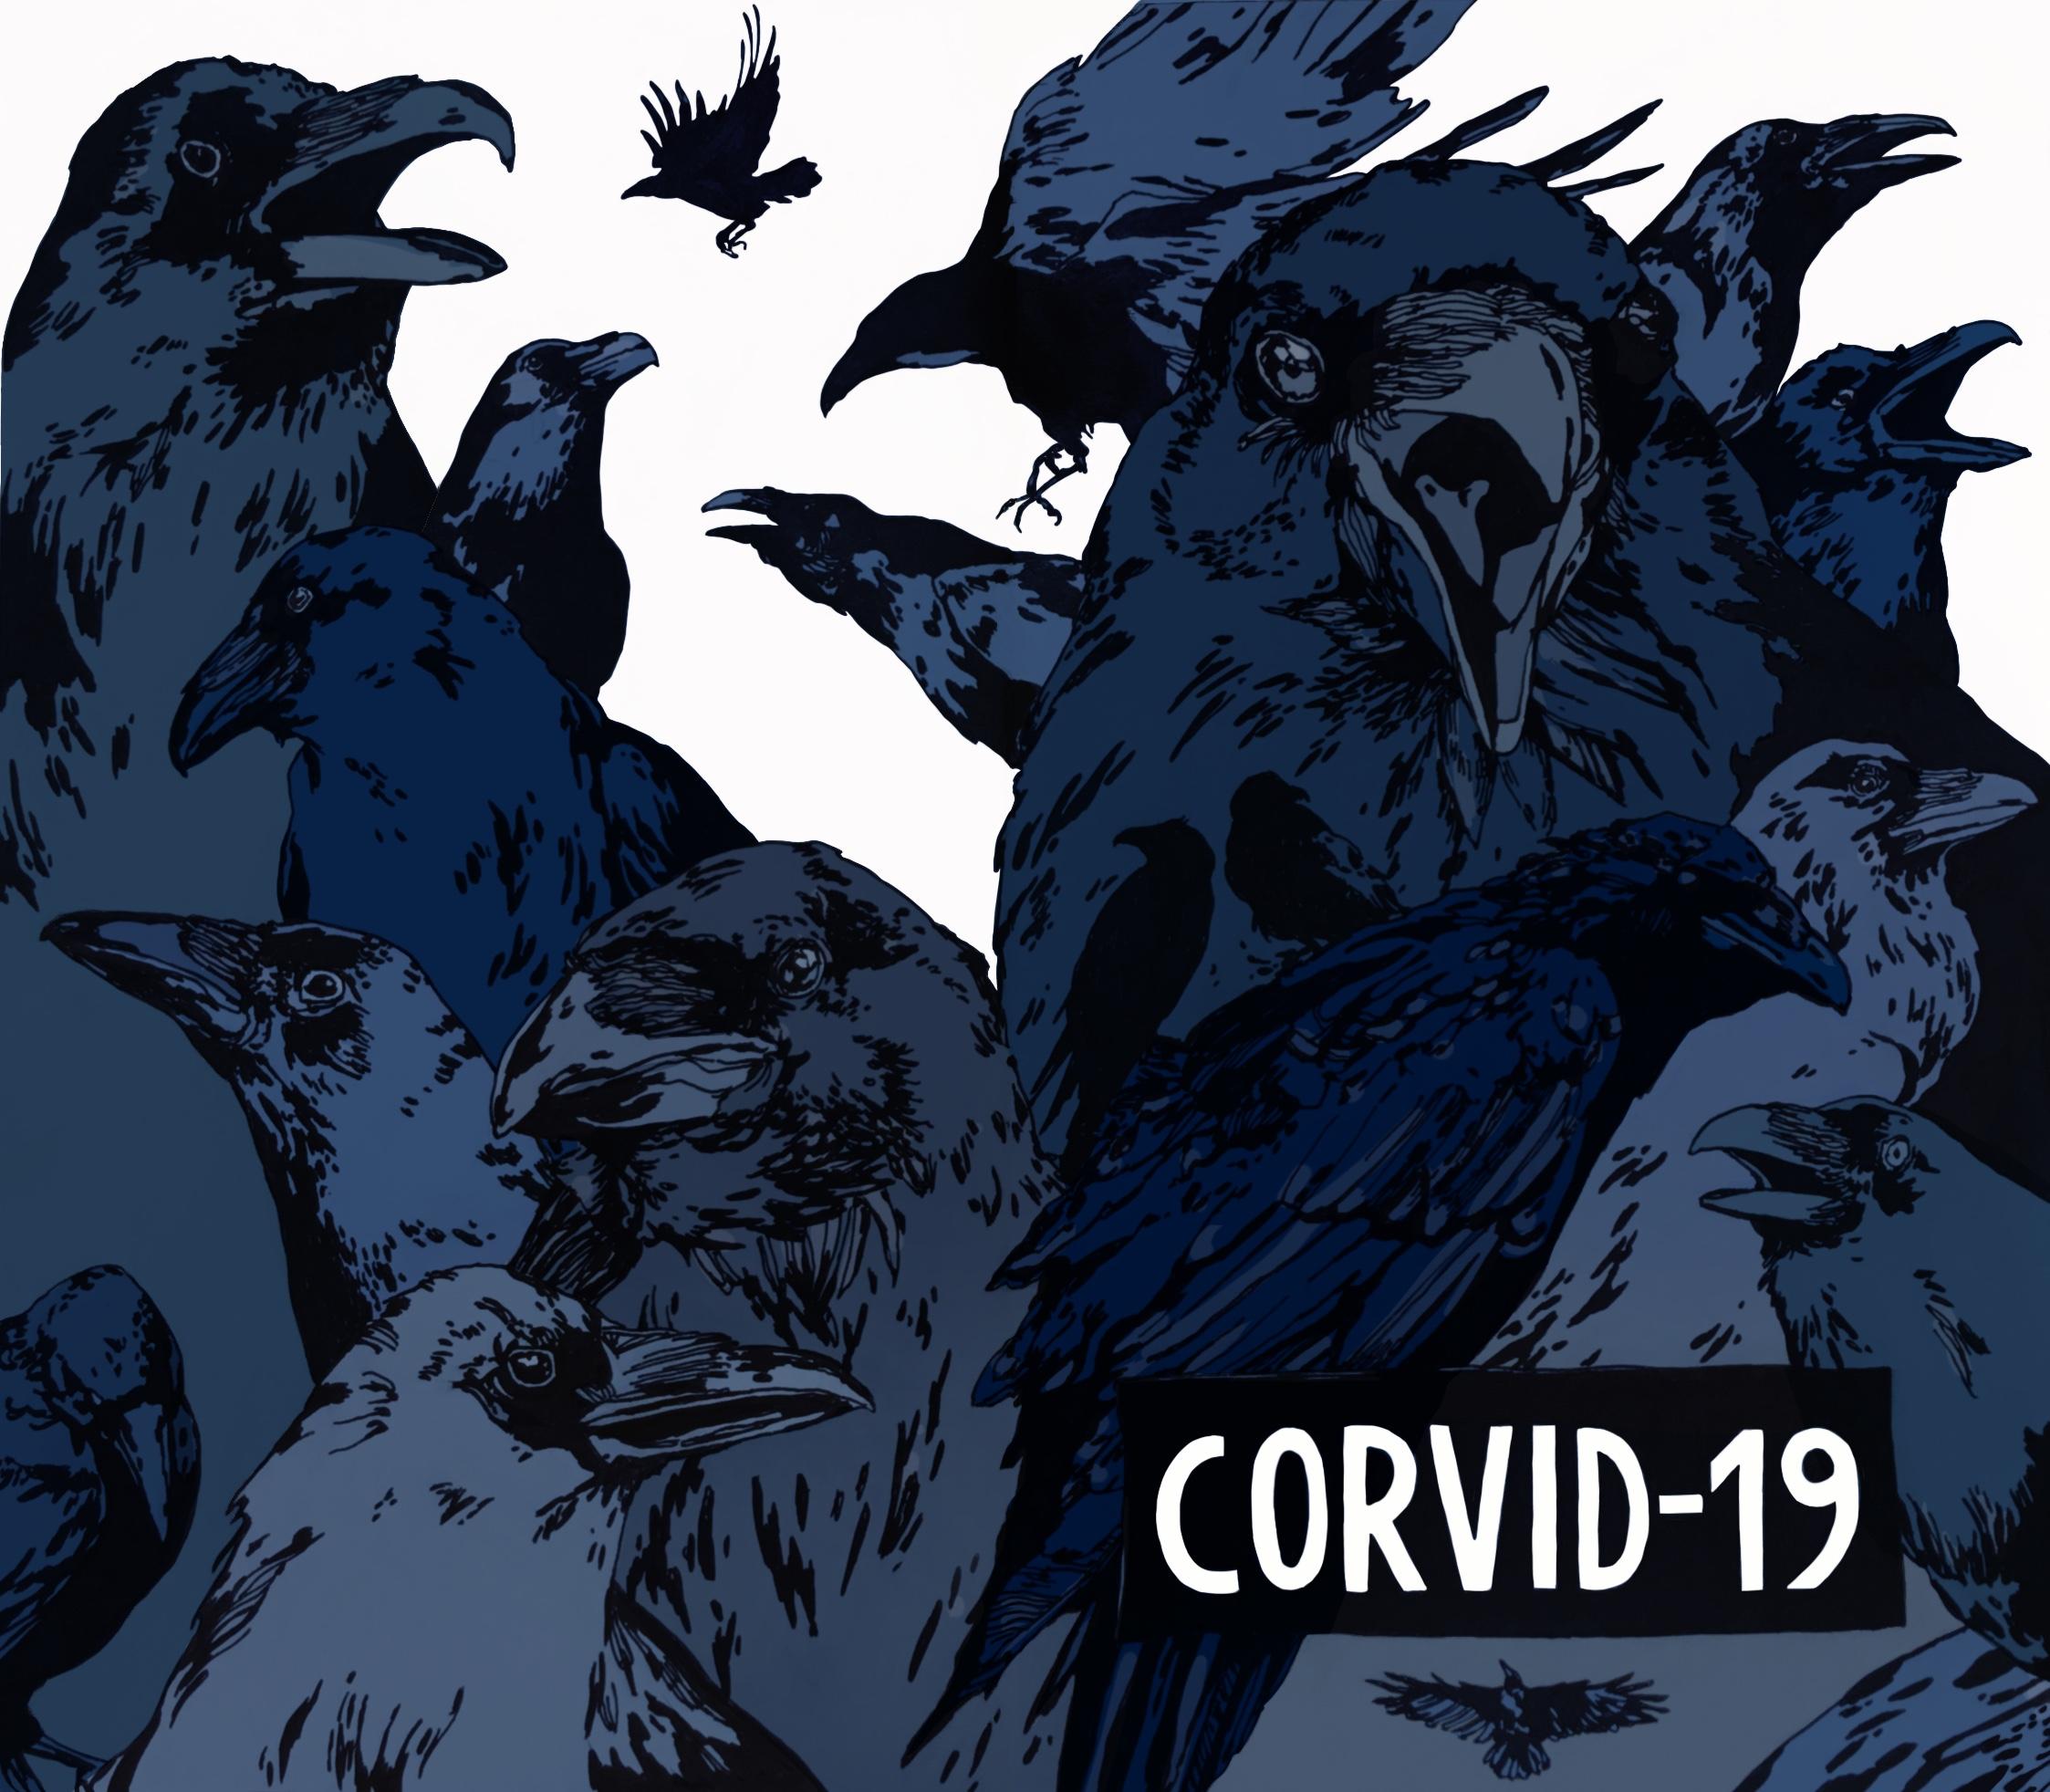 CORVID-19